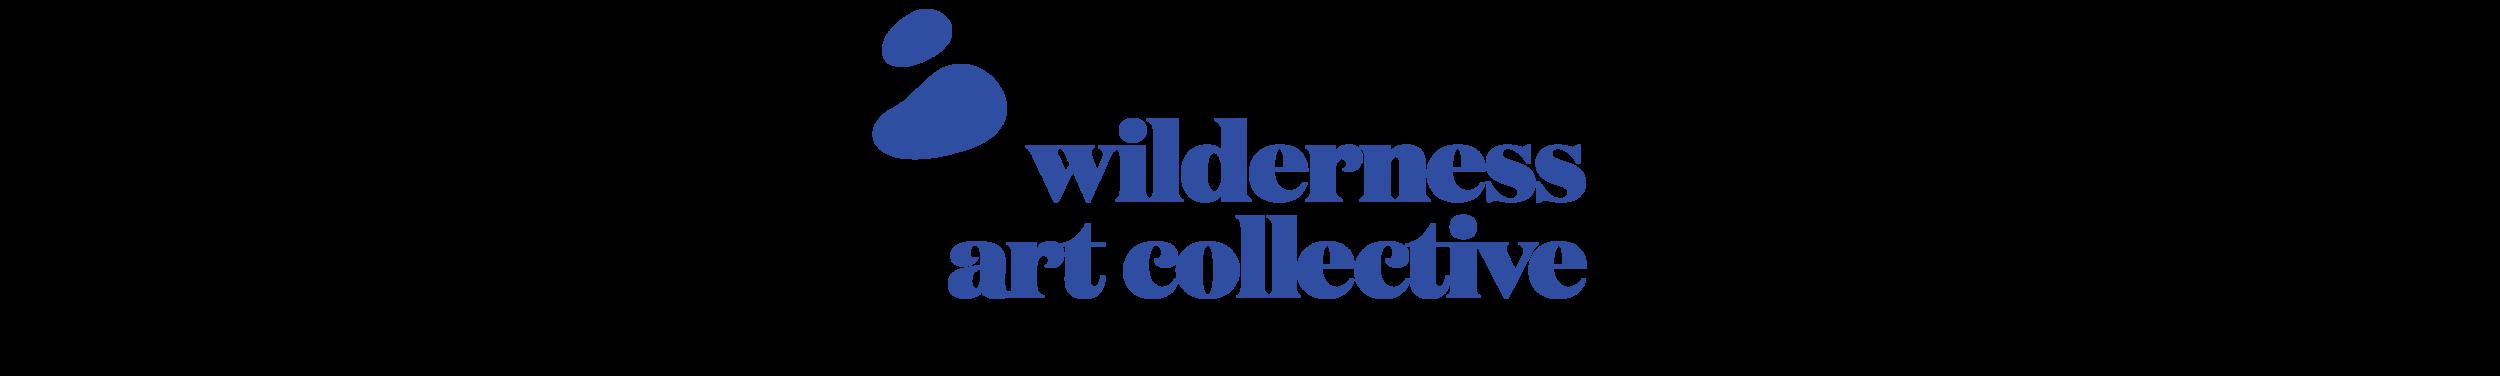 WAC logo 1-02long.png